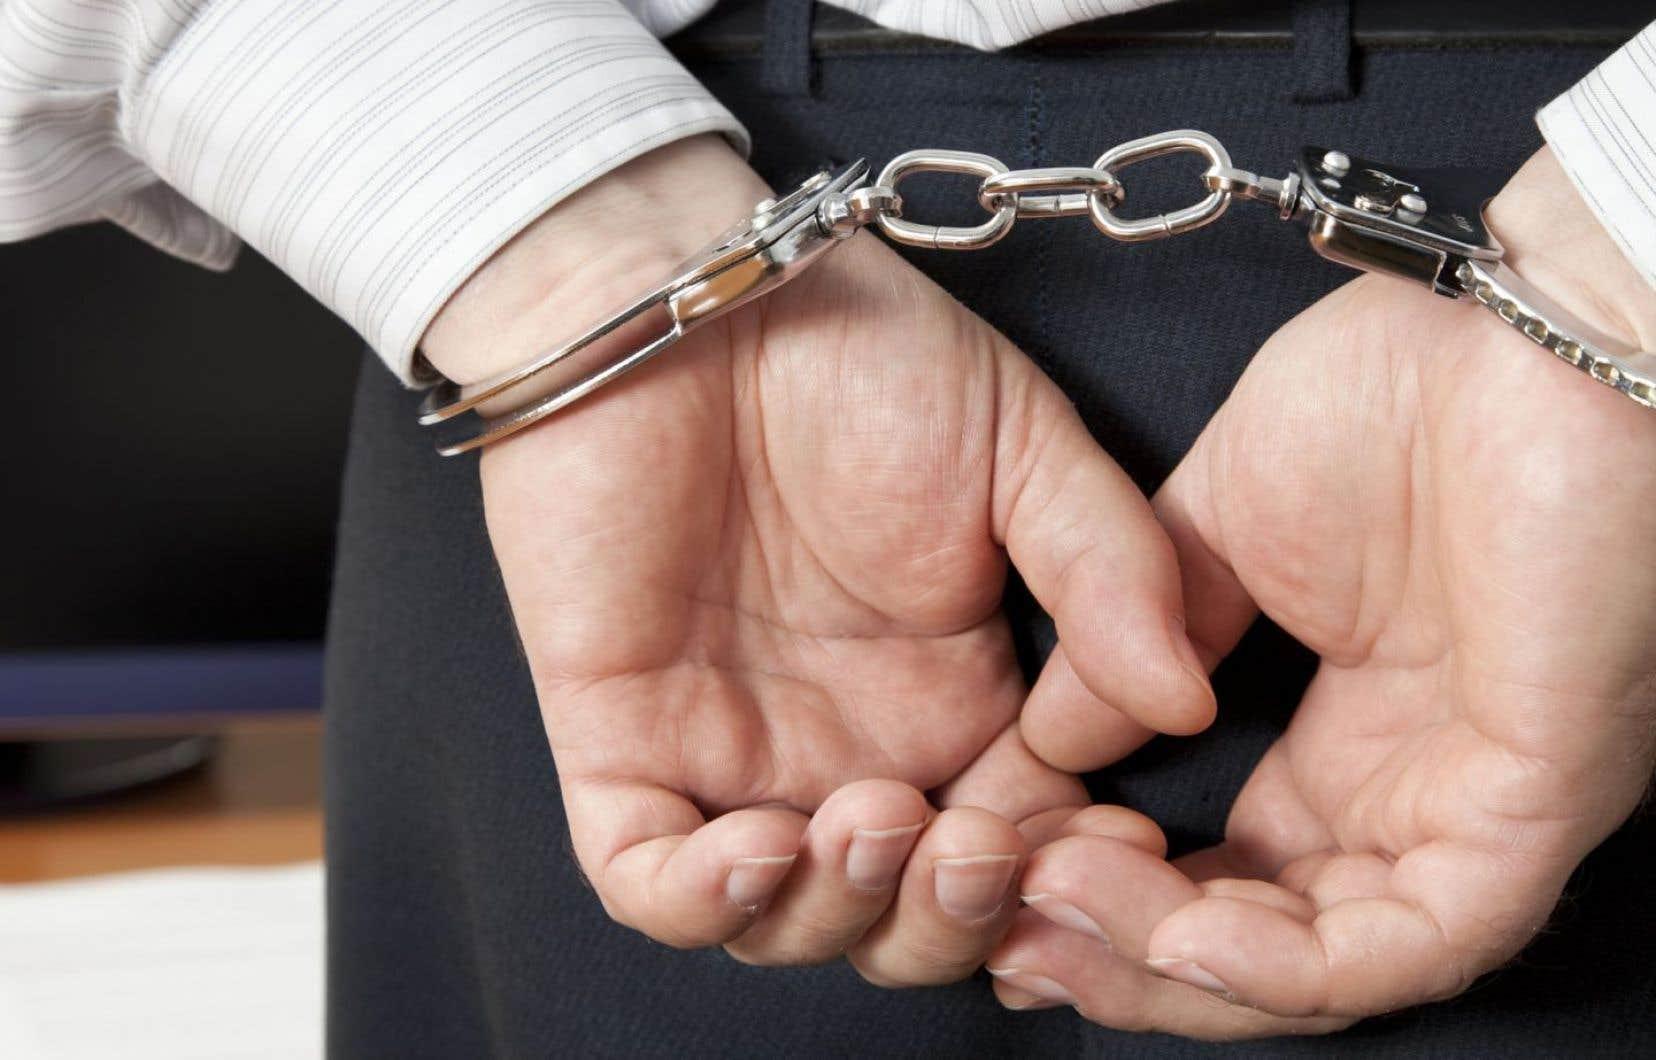 L'opération a mené à trois perquisitions, dont une dans l'entreprise Emballages Bettez, dont le suspect est le principal dirigeant.